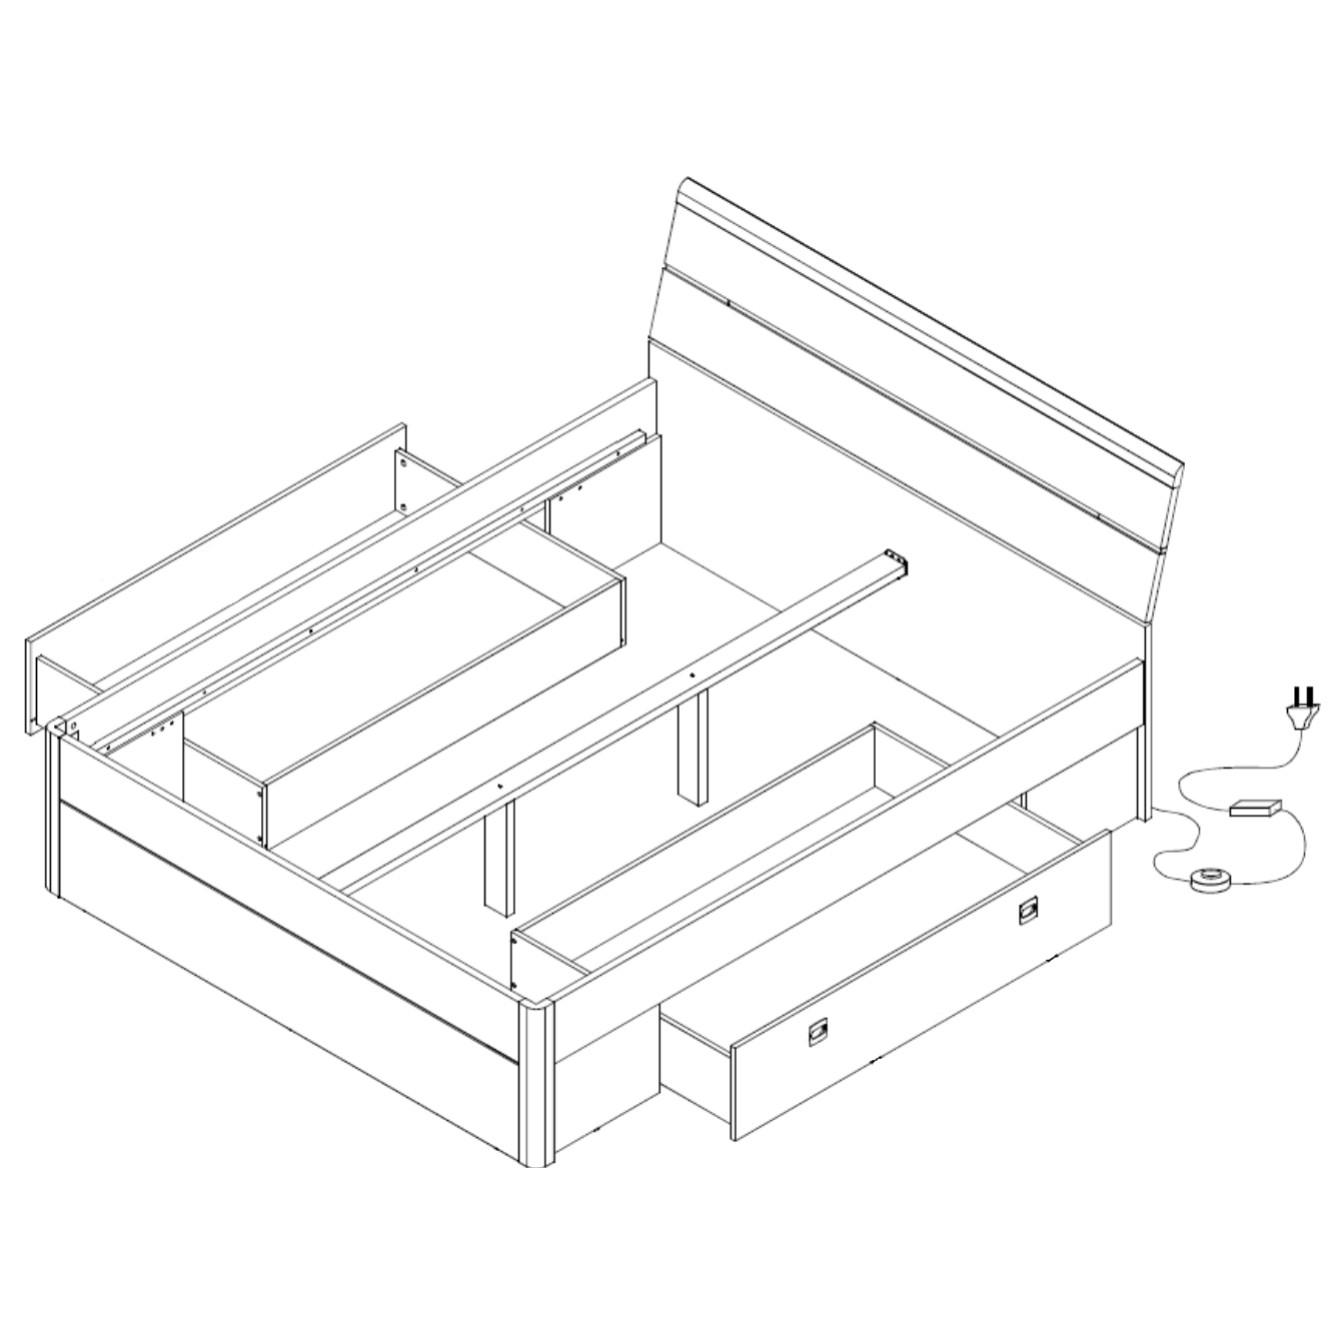 Sconto Posteľ s nočnými stolíkmi MAESTRO biela, 180x200 cm Sada postele a dvoch nočných stolíkov MAESTRO vytvára dobrý základ spálne.